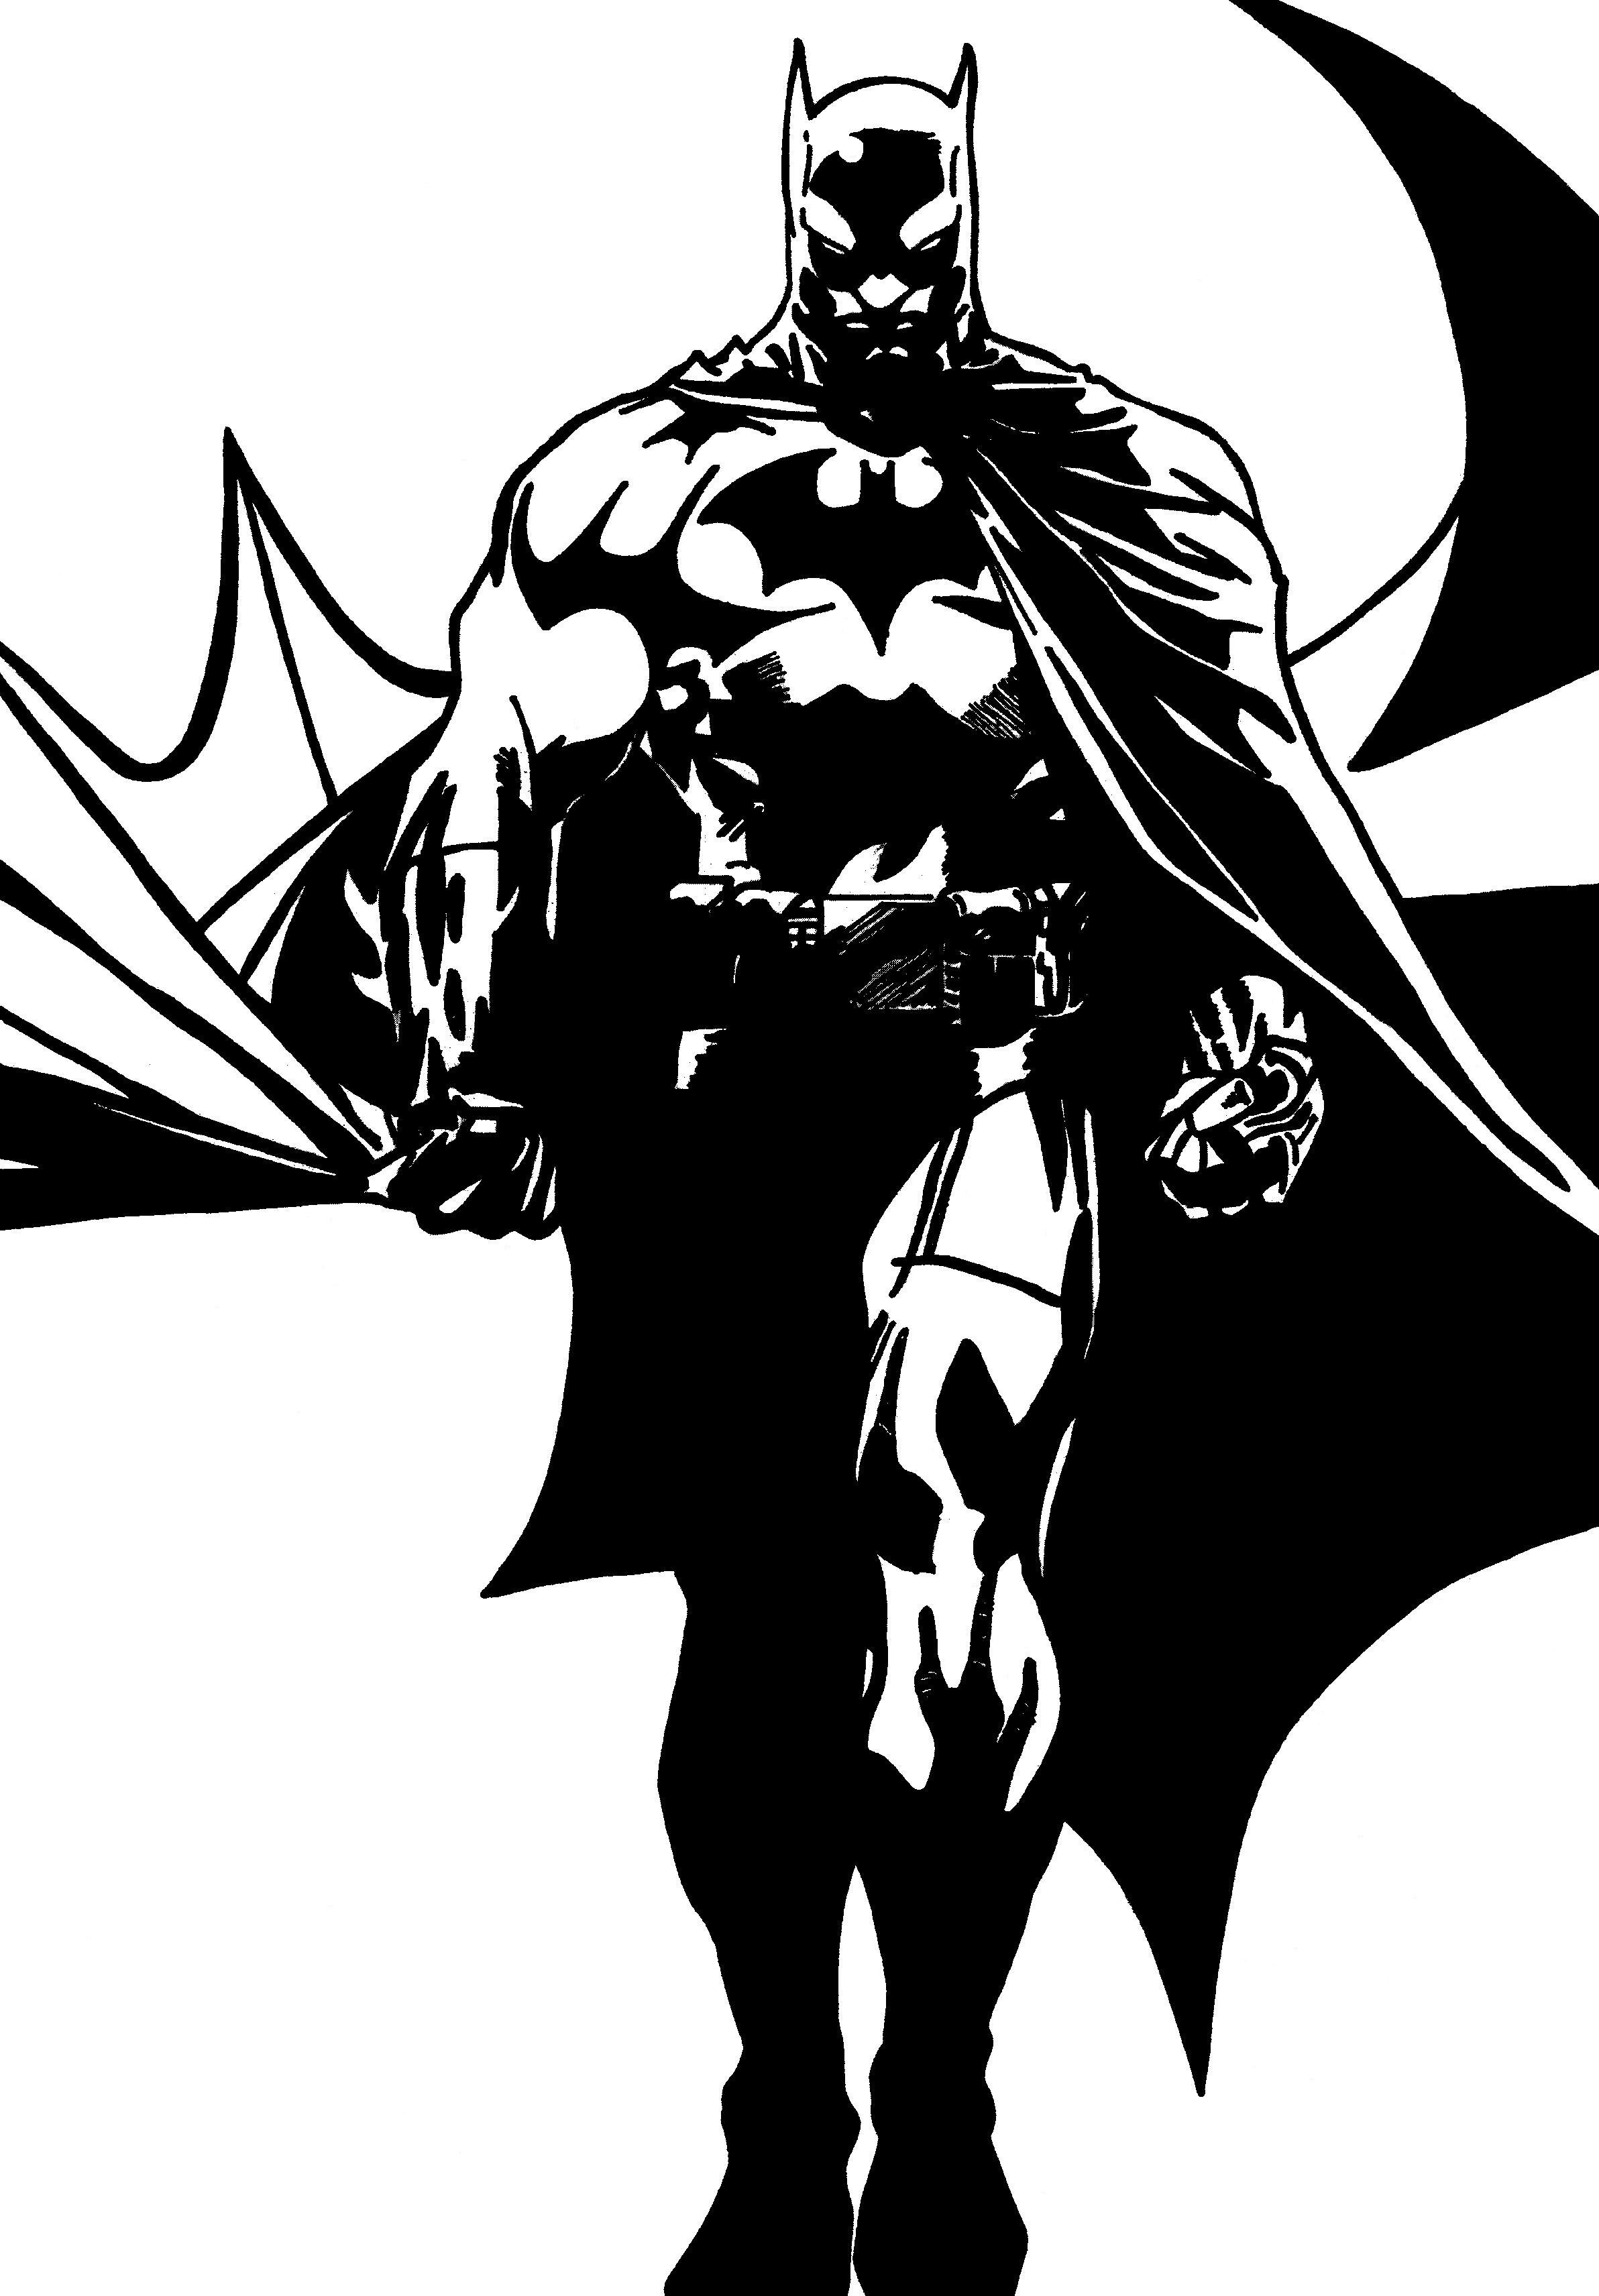 Kleurplaten Batman 3.Kleurplaten Thema Superhelden Kleurplaten Creatief Met Kinderen